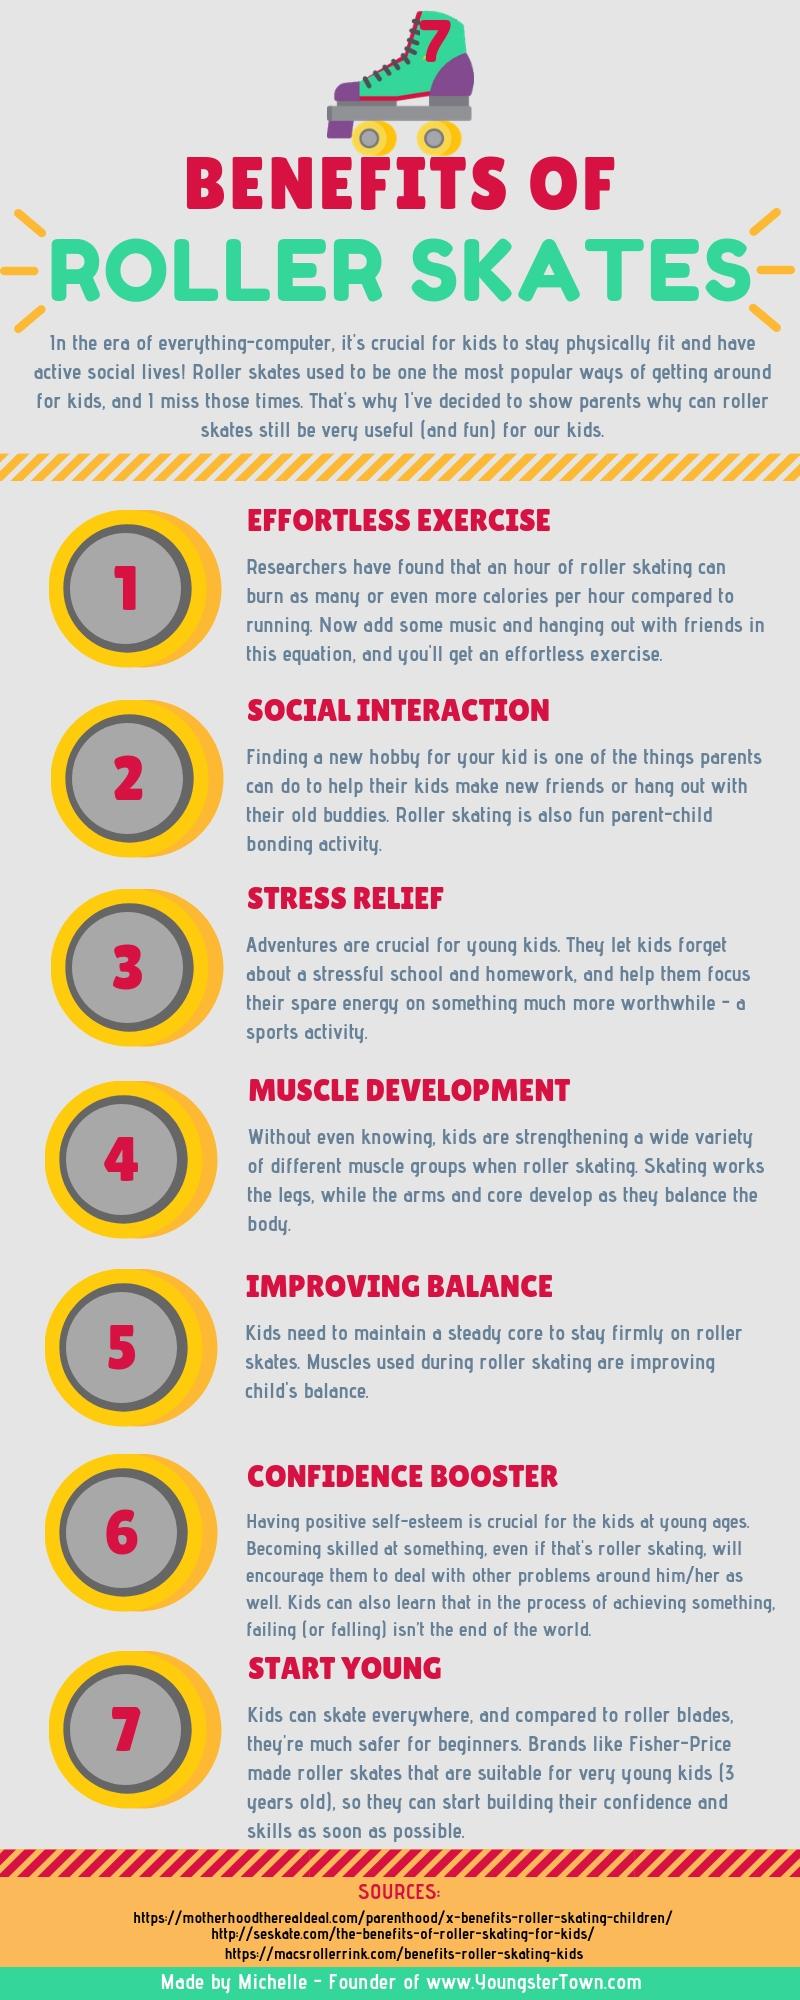 Fascinating Benefits of Roller Skating for Kids